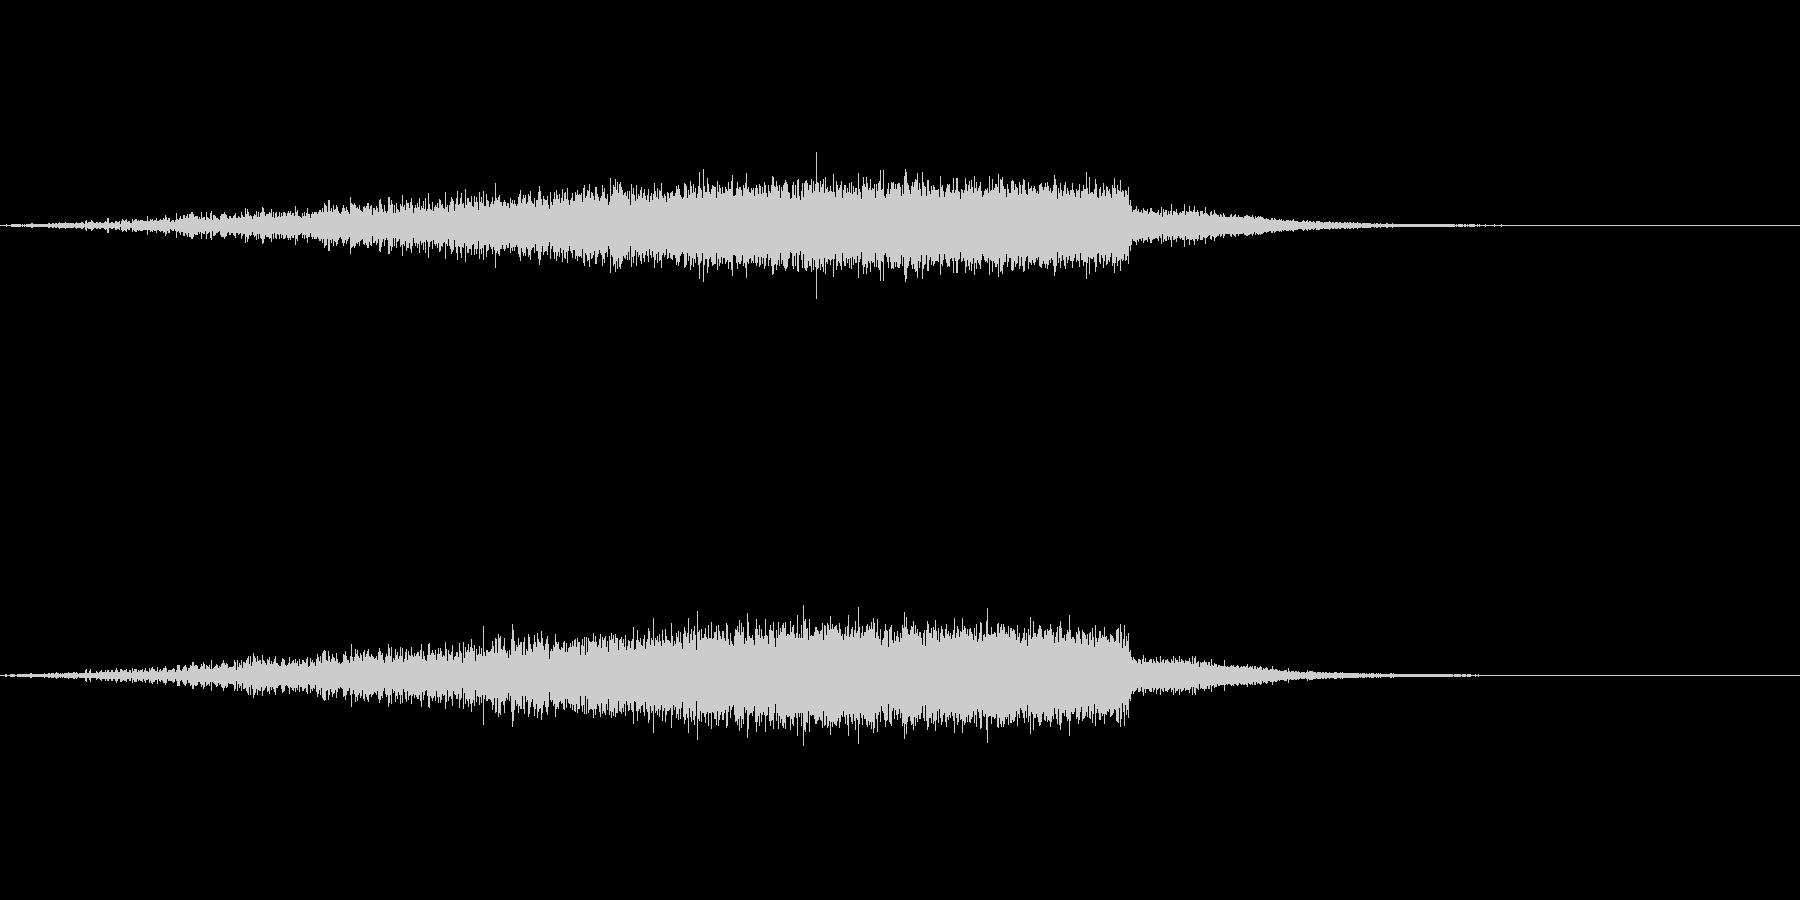 「シュワー(空を飛ぶような音)」の未再生の波形